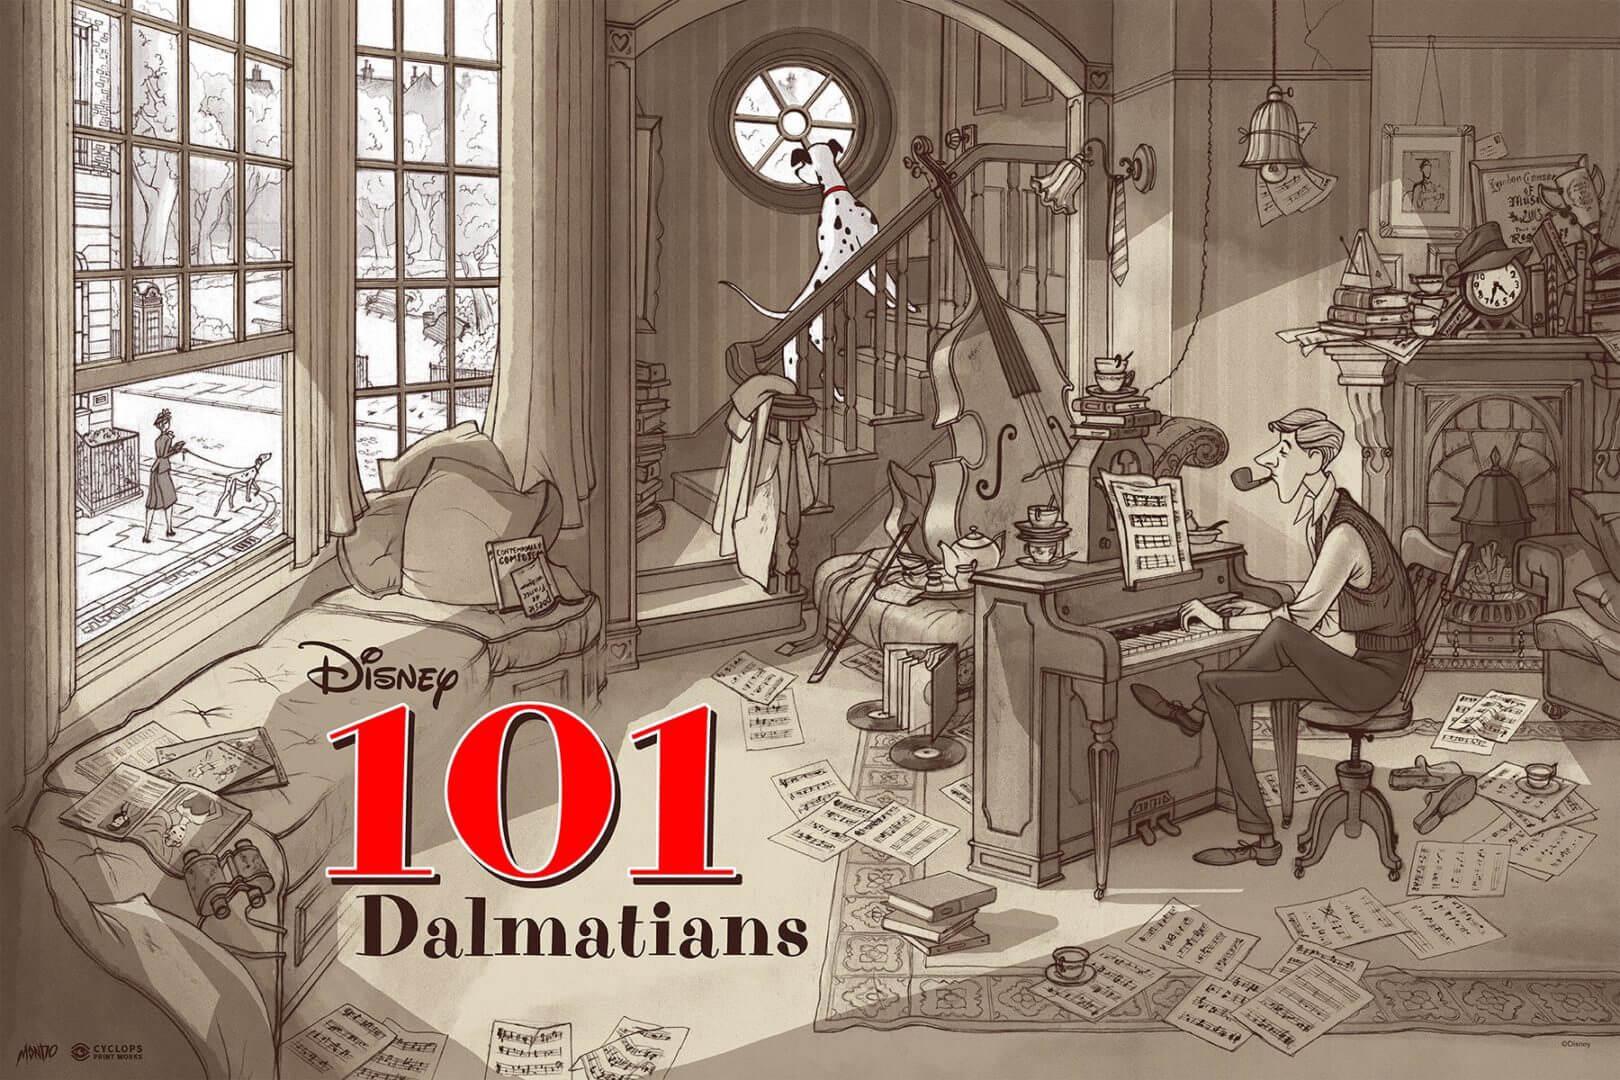 Mondo 101 Dalmations